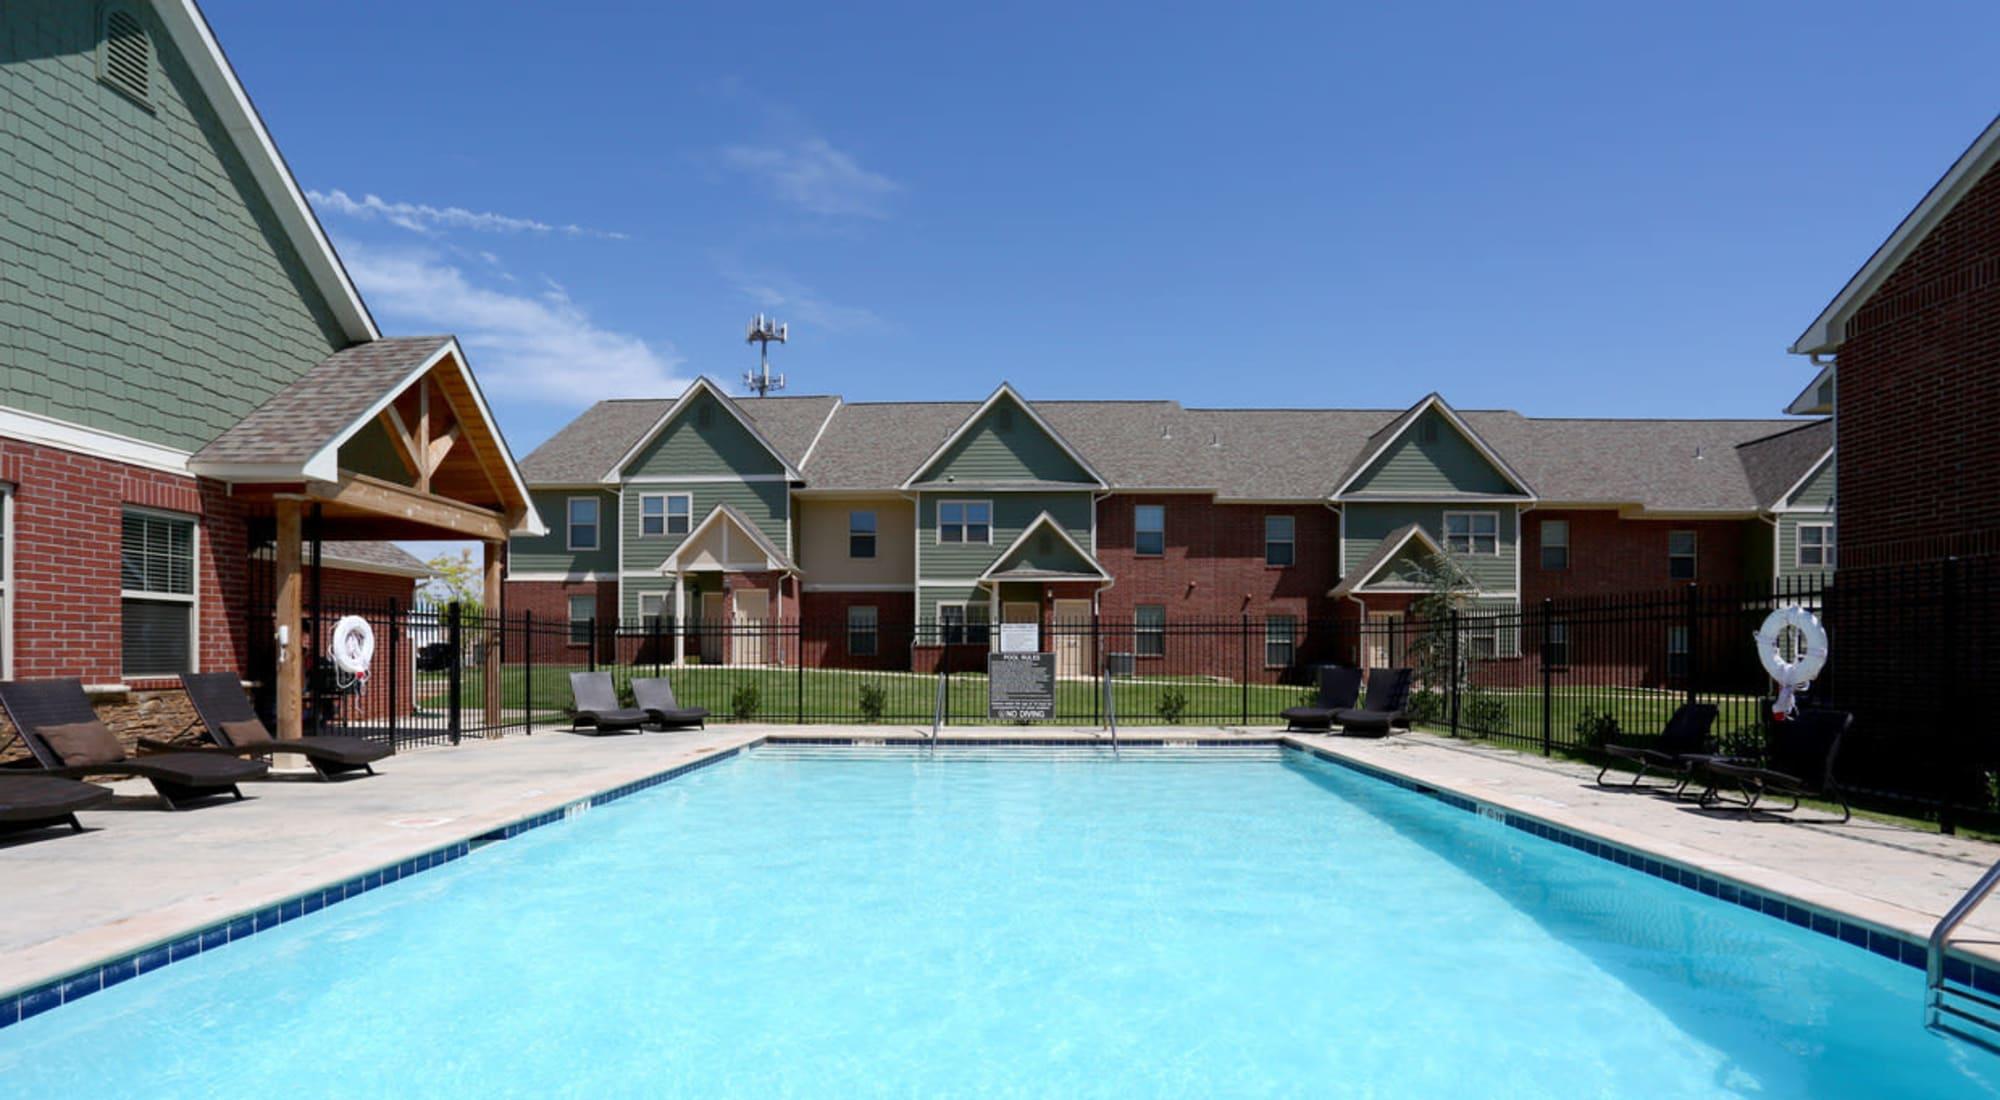 Apartments at Cross Timber in Oklahoma City, Oklahoma